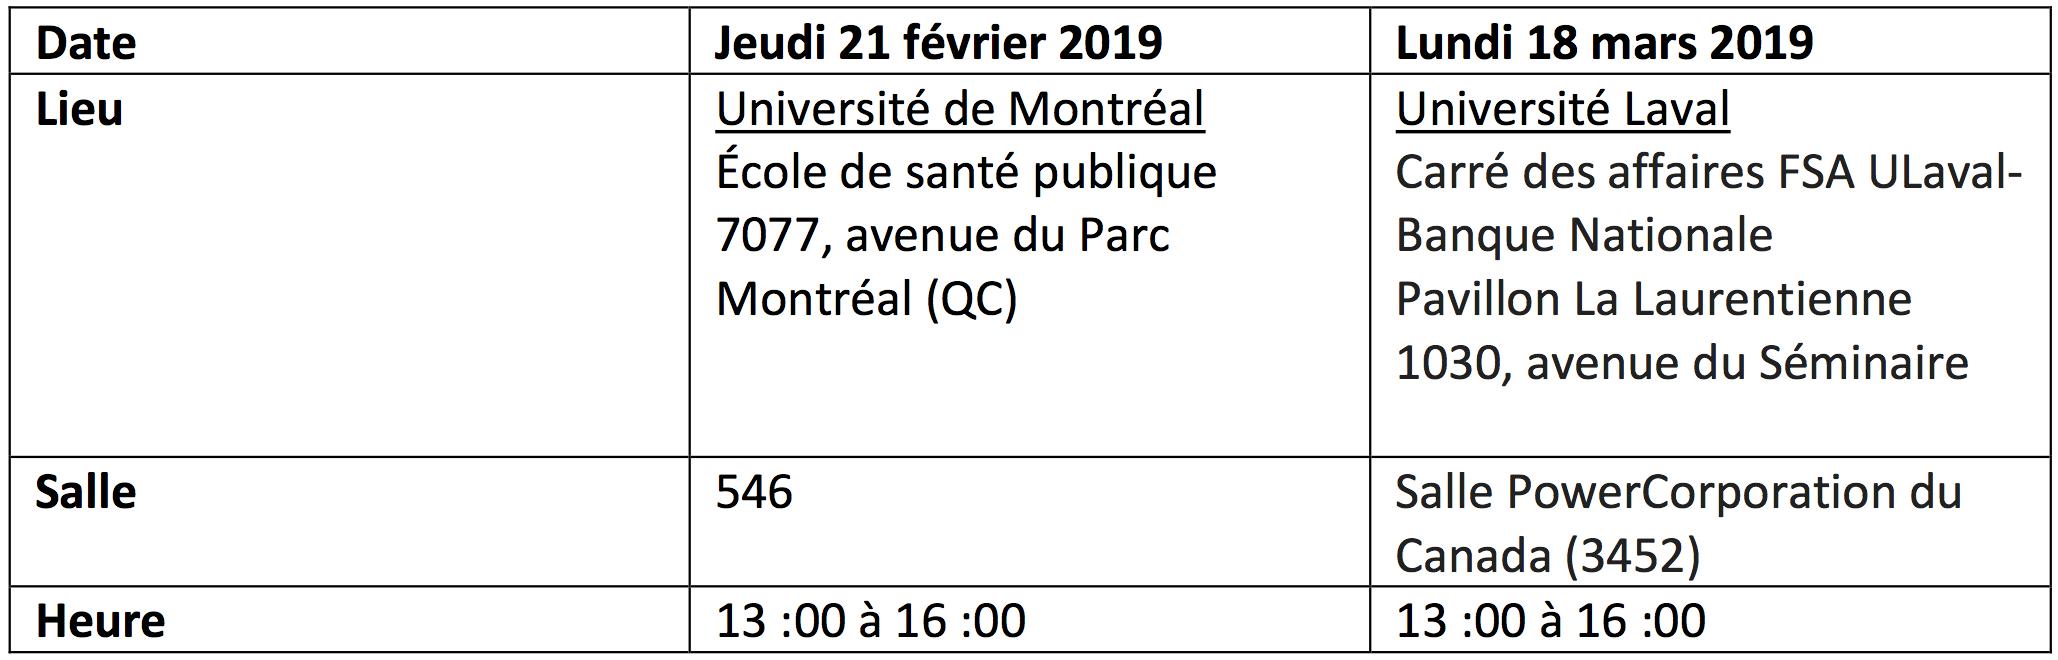 Dates et lieux formation Écosanté 2019